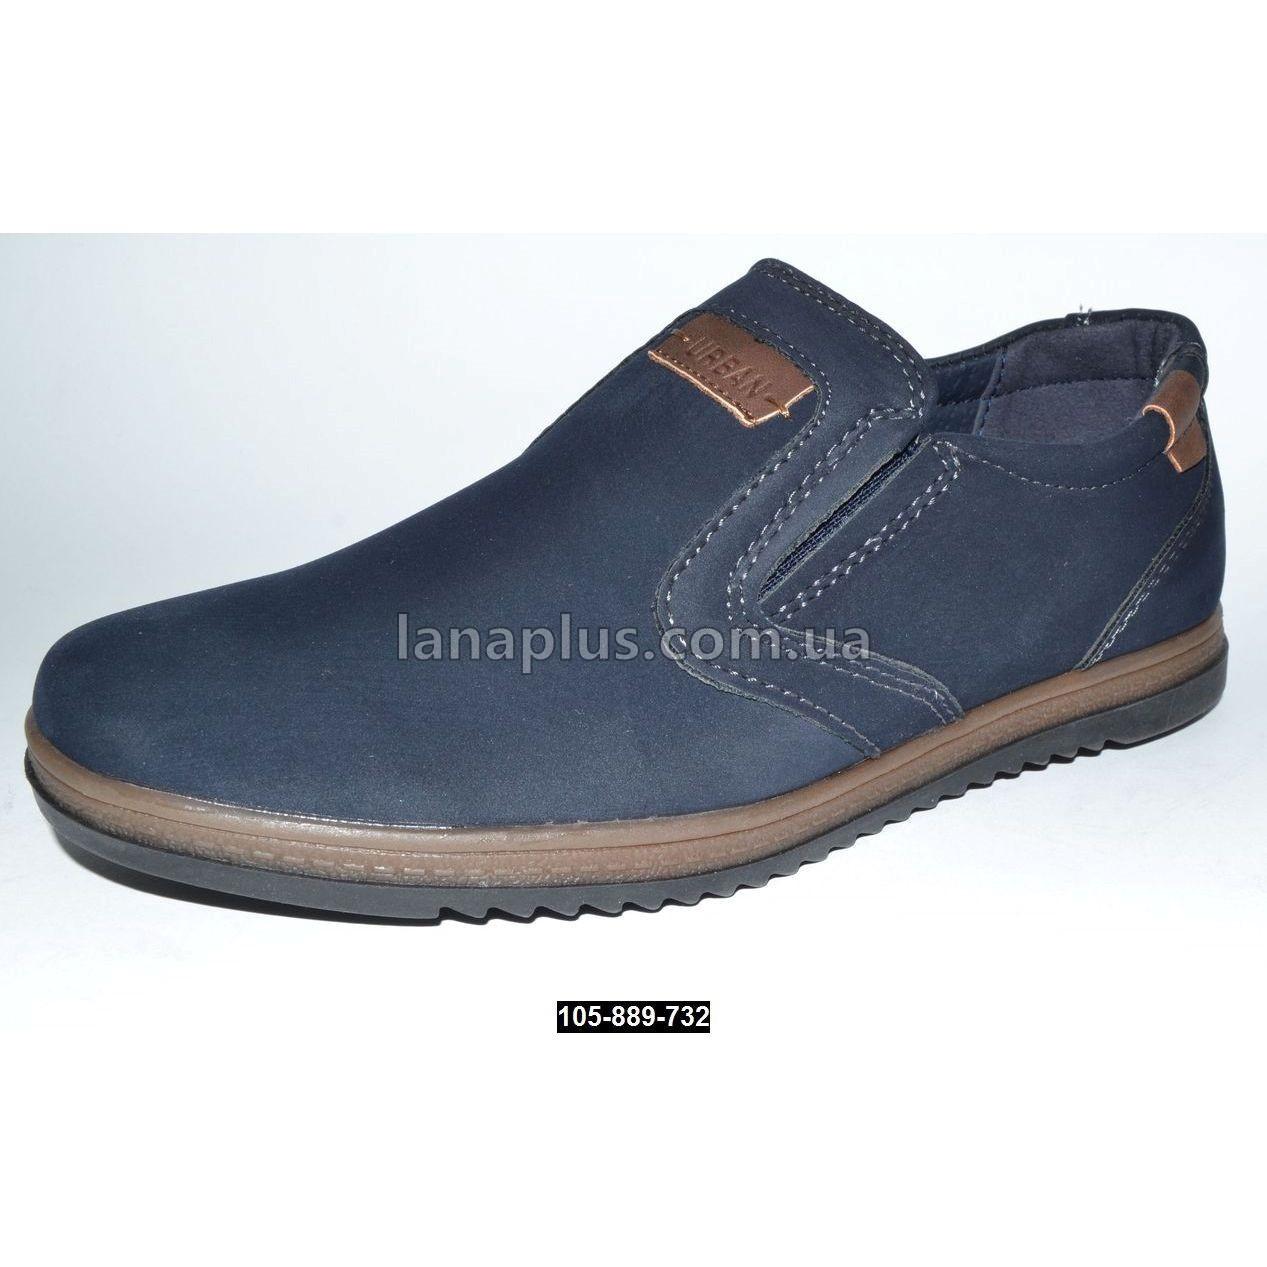 Туфли для мальчика 34 размер (22 см), супинатор, 105-889-732